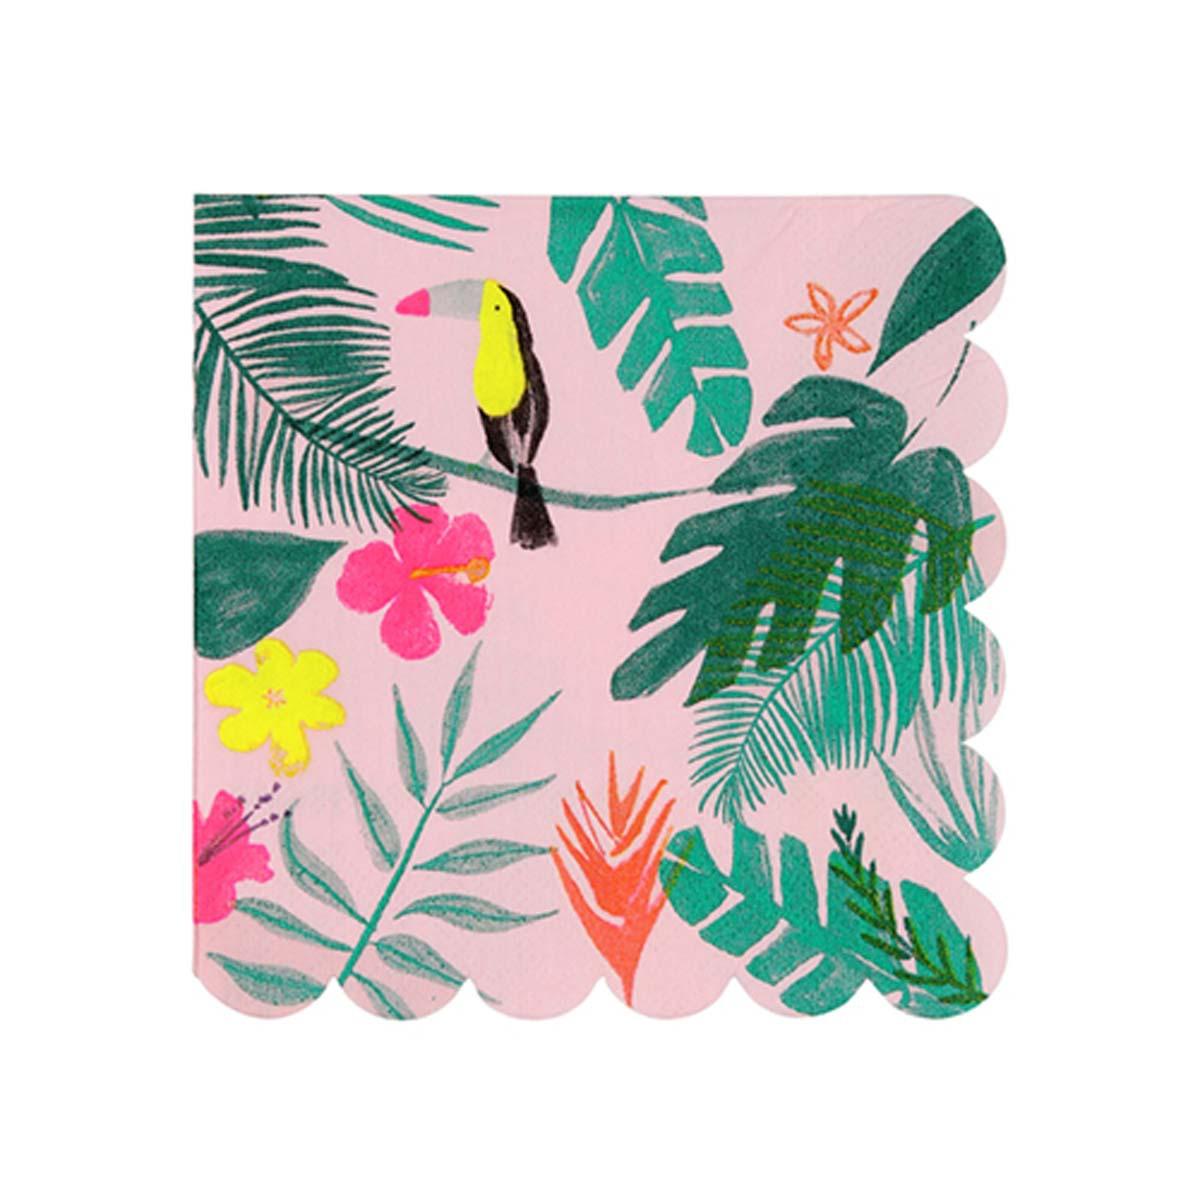 Anniversaire & Fête Petites Serviettes Tropicales - Rose Petites Serviettes Tropicales - Rose